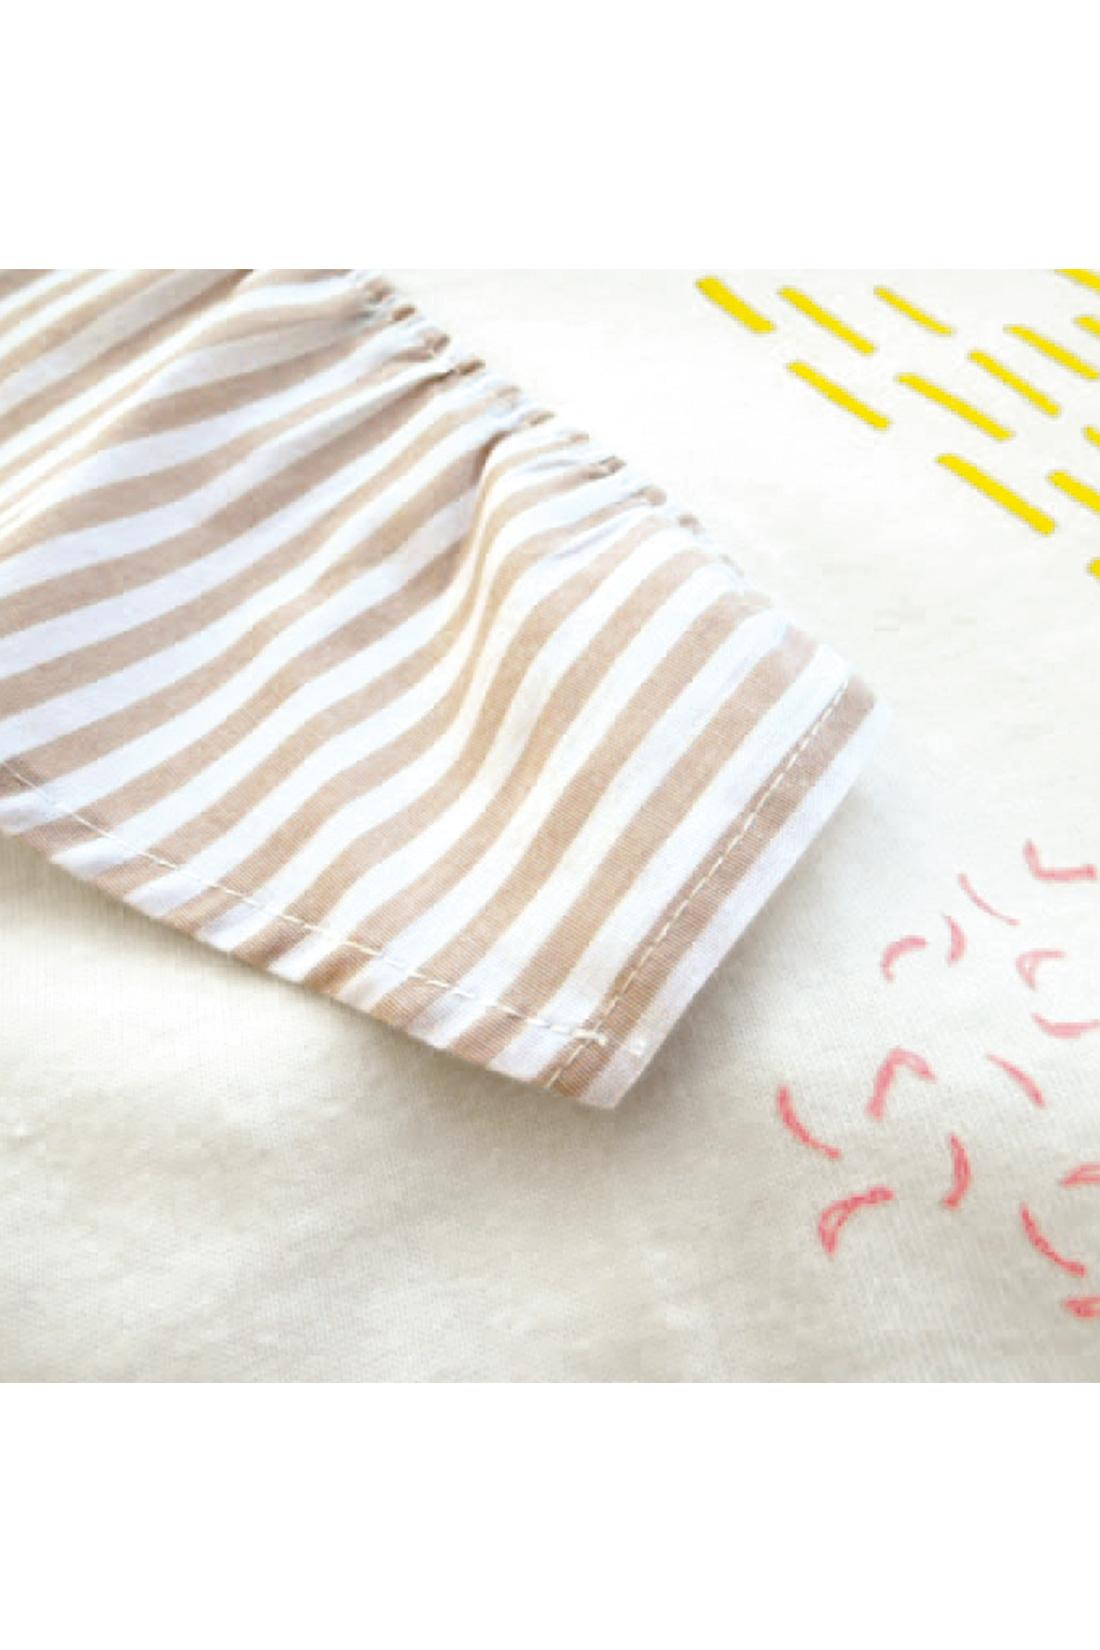 ■お袖みたい。 フリフリフリルがお袖みたいに見えてかわいいの。